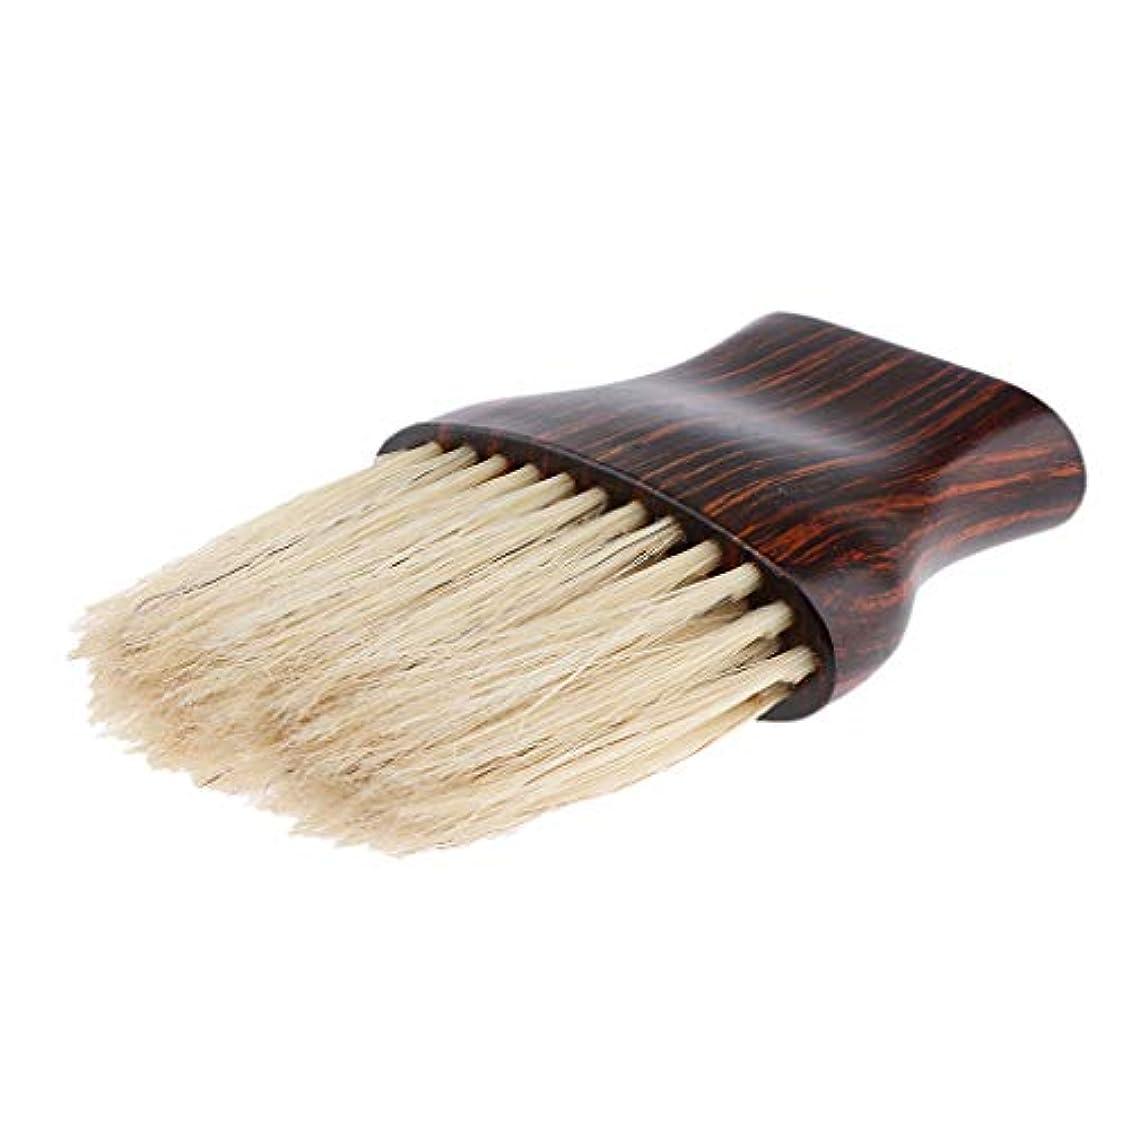 チャーターバース米ドルF Fityle ネックダスターブラシ ヘアカットブラシ クリーニング ヘアブラシ 理髪美容ツール